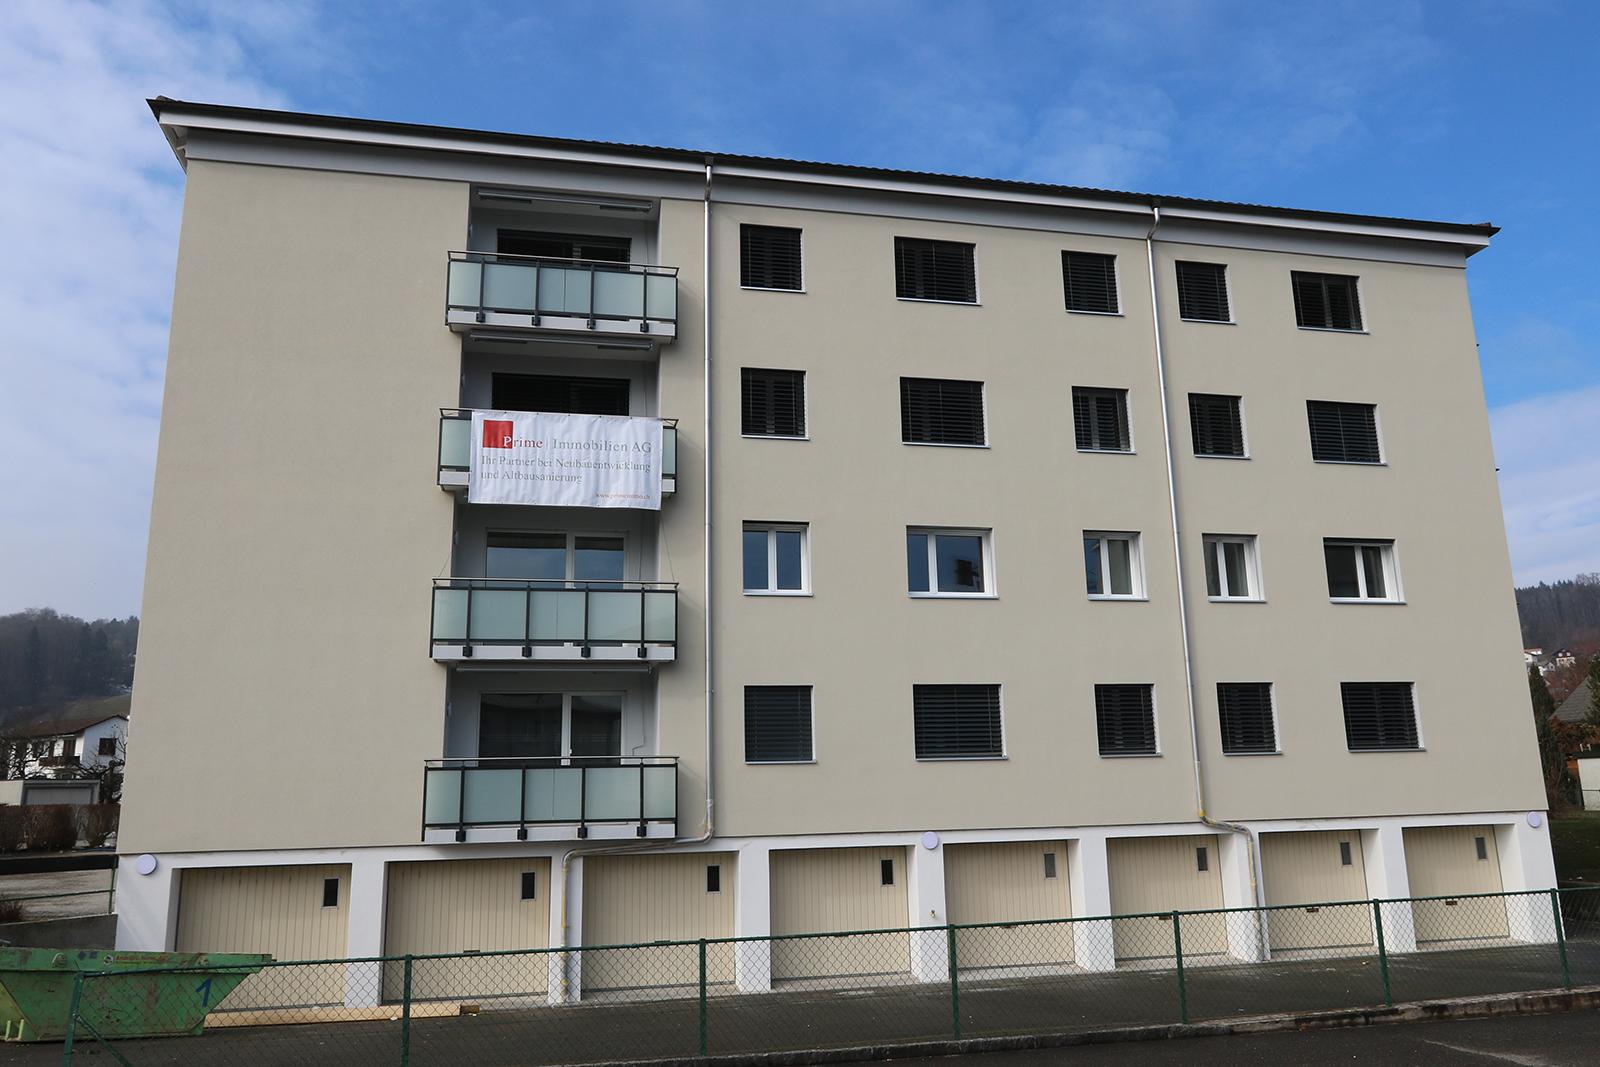 07 Interior Neufeldstrasse - n.S. Aussen 2